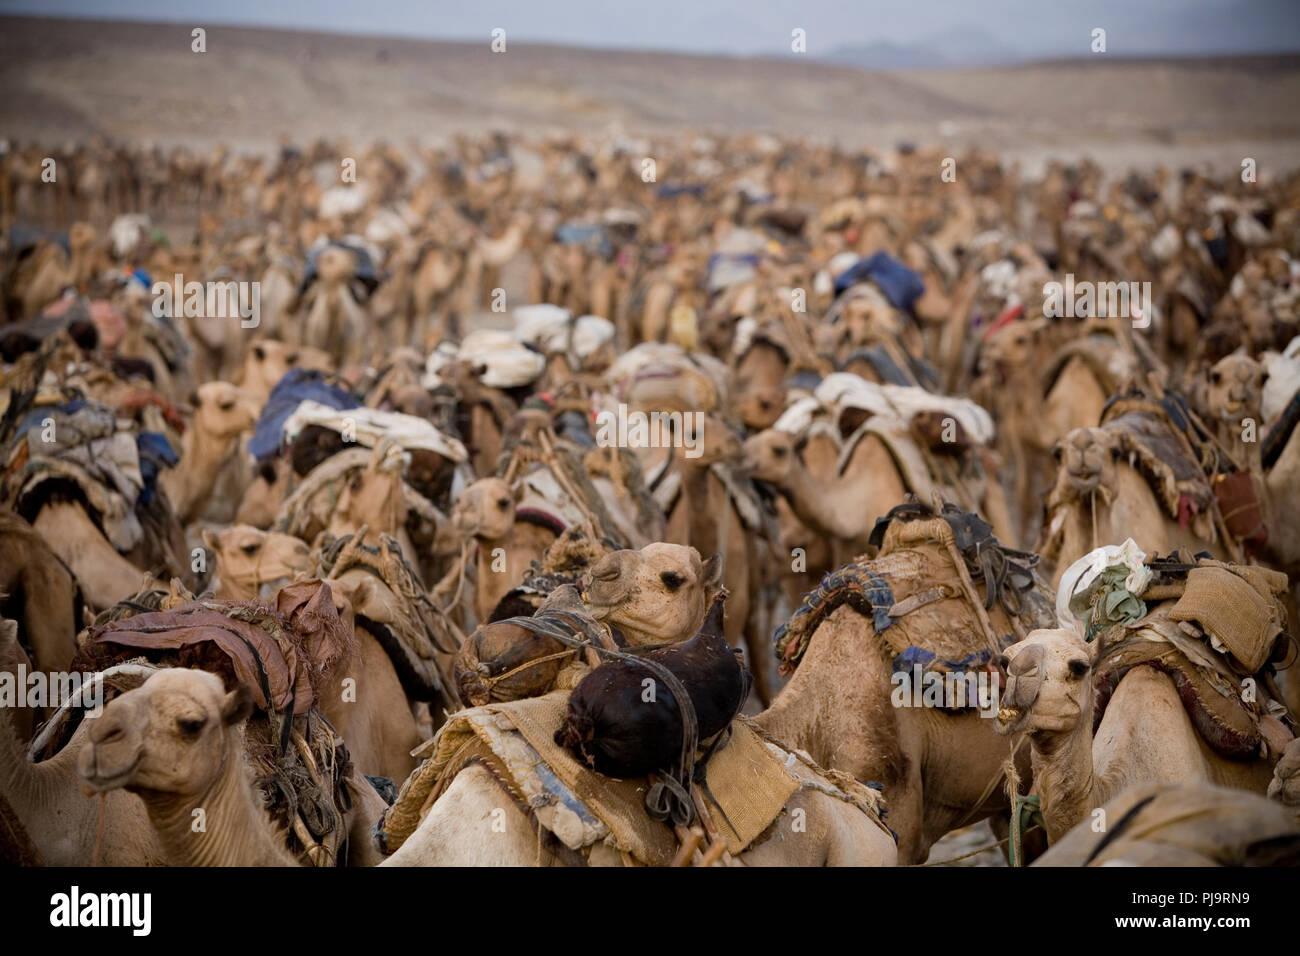 Une caravane de chameaux voyages à la dépression Danakil pour recueillir le sel, le nord de l'Ethiopie, le 3 juin 2010. Photo Stock